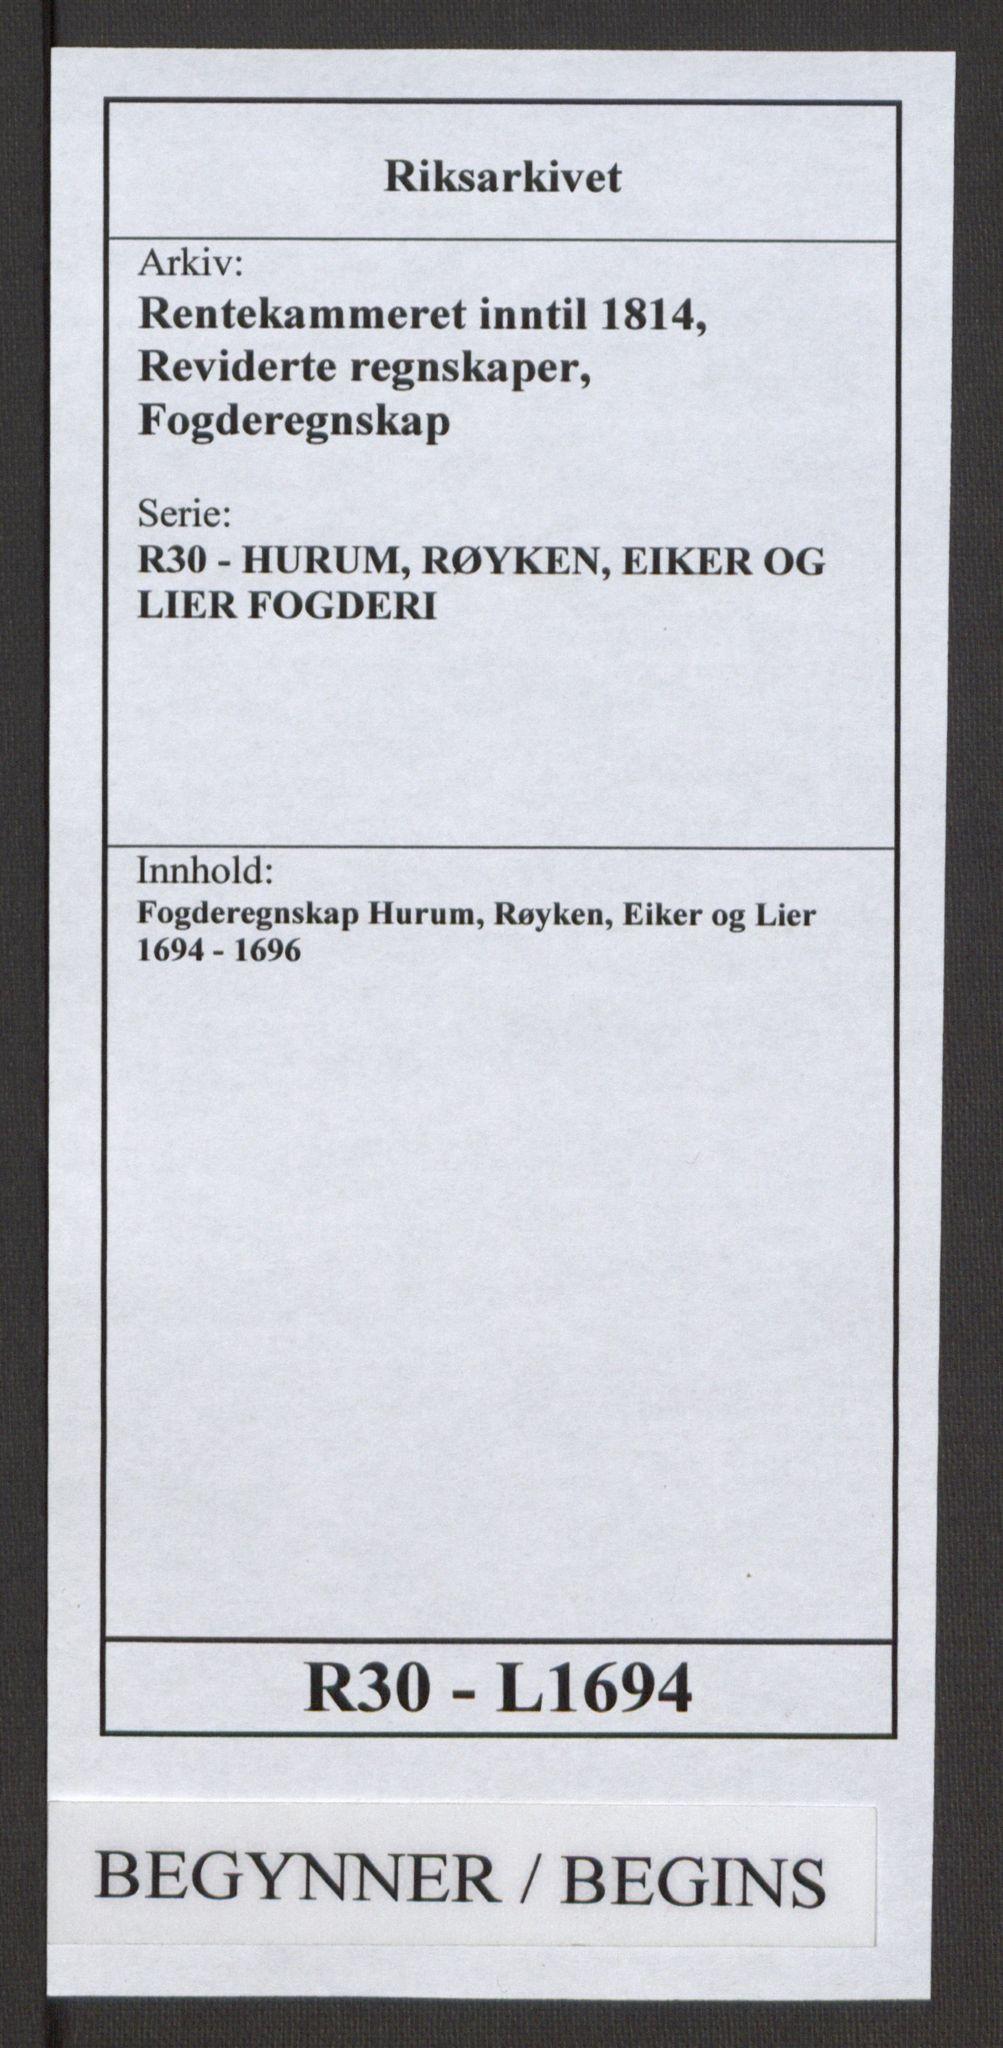 RA, Rentekammeret inntil 1814, Reviderte regnskaper, Fogderegnskap, R30/L1694: Fogderegnskap Hurum, Røyken, Eiker og Lier, 1694-1696, s. 1